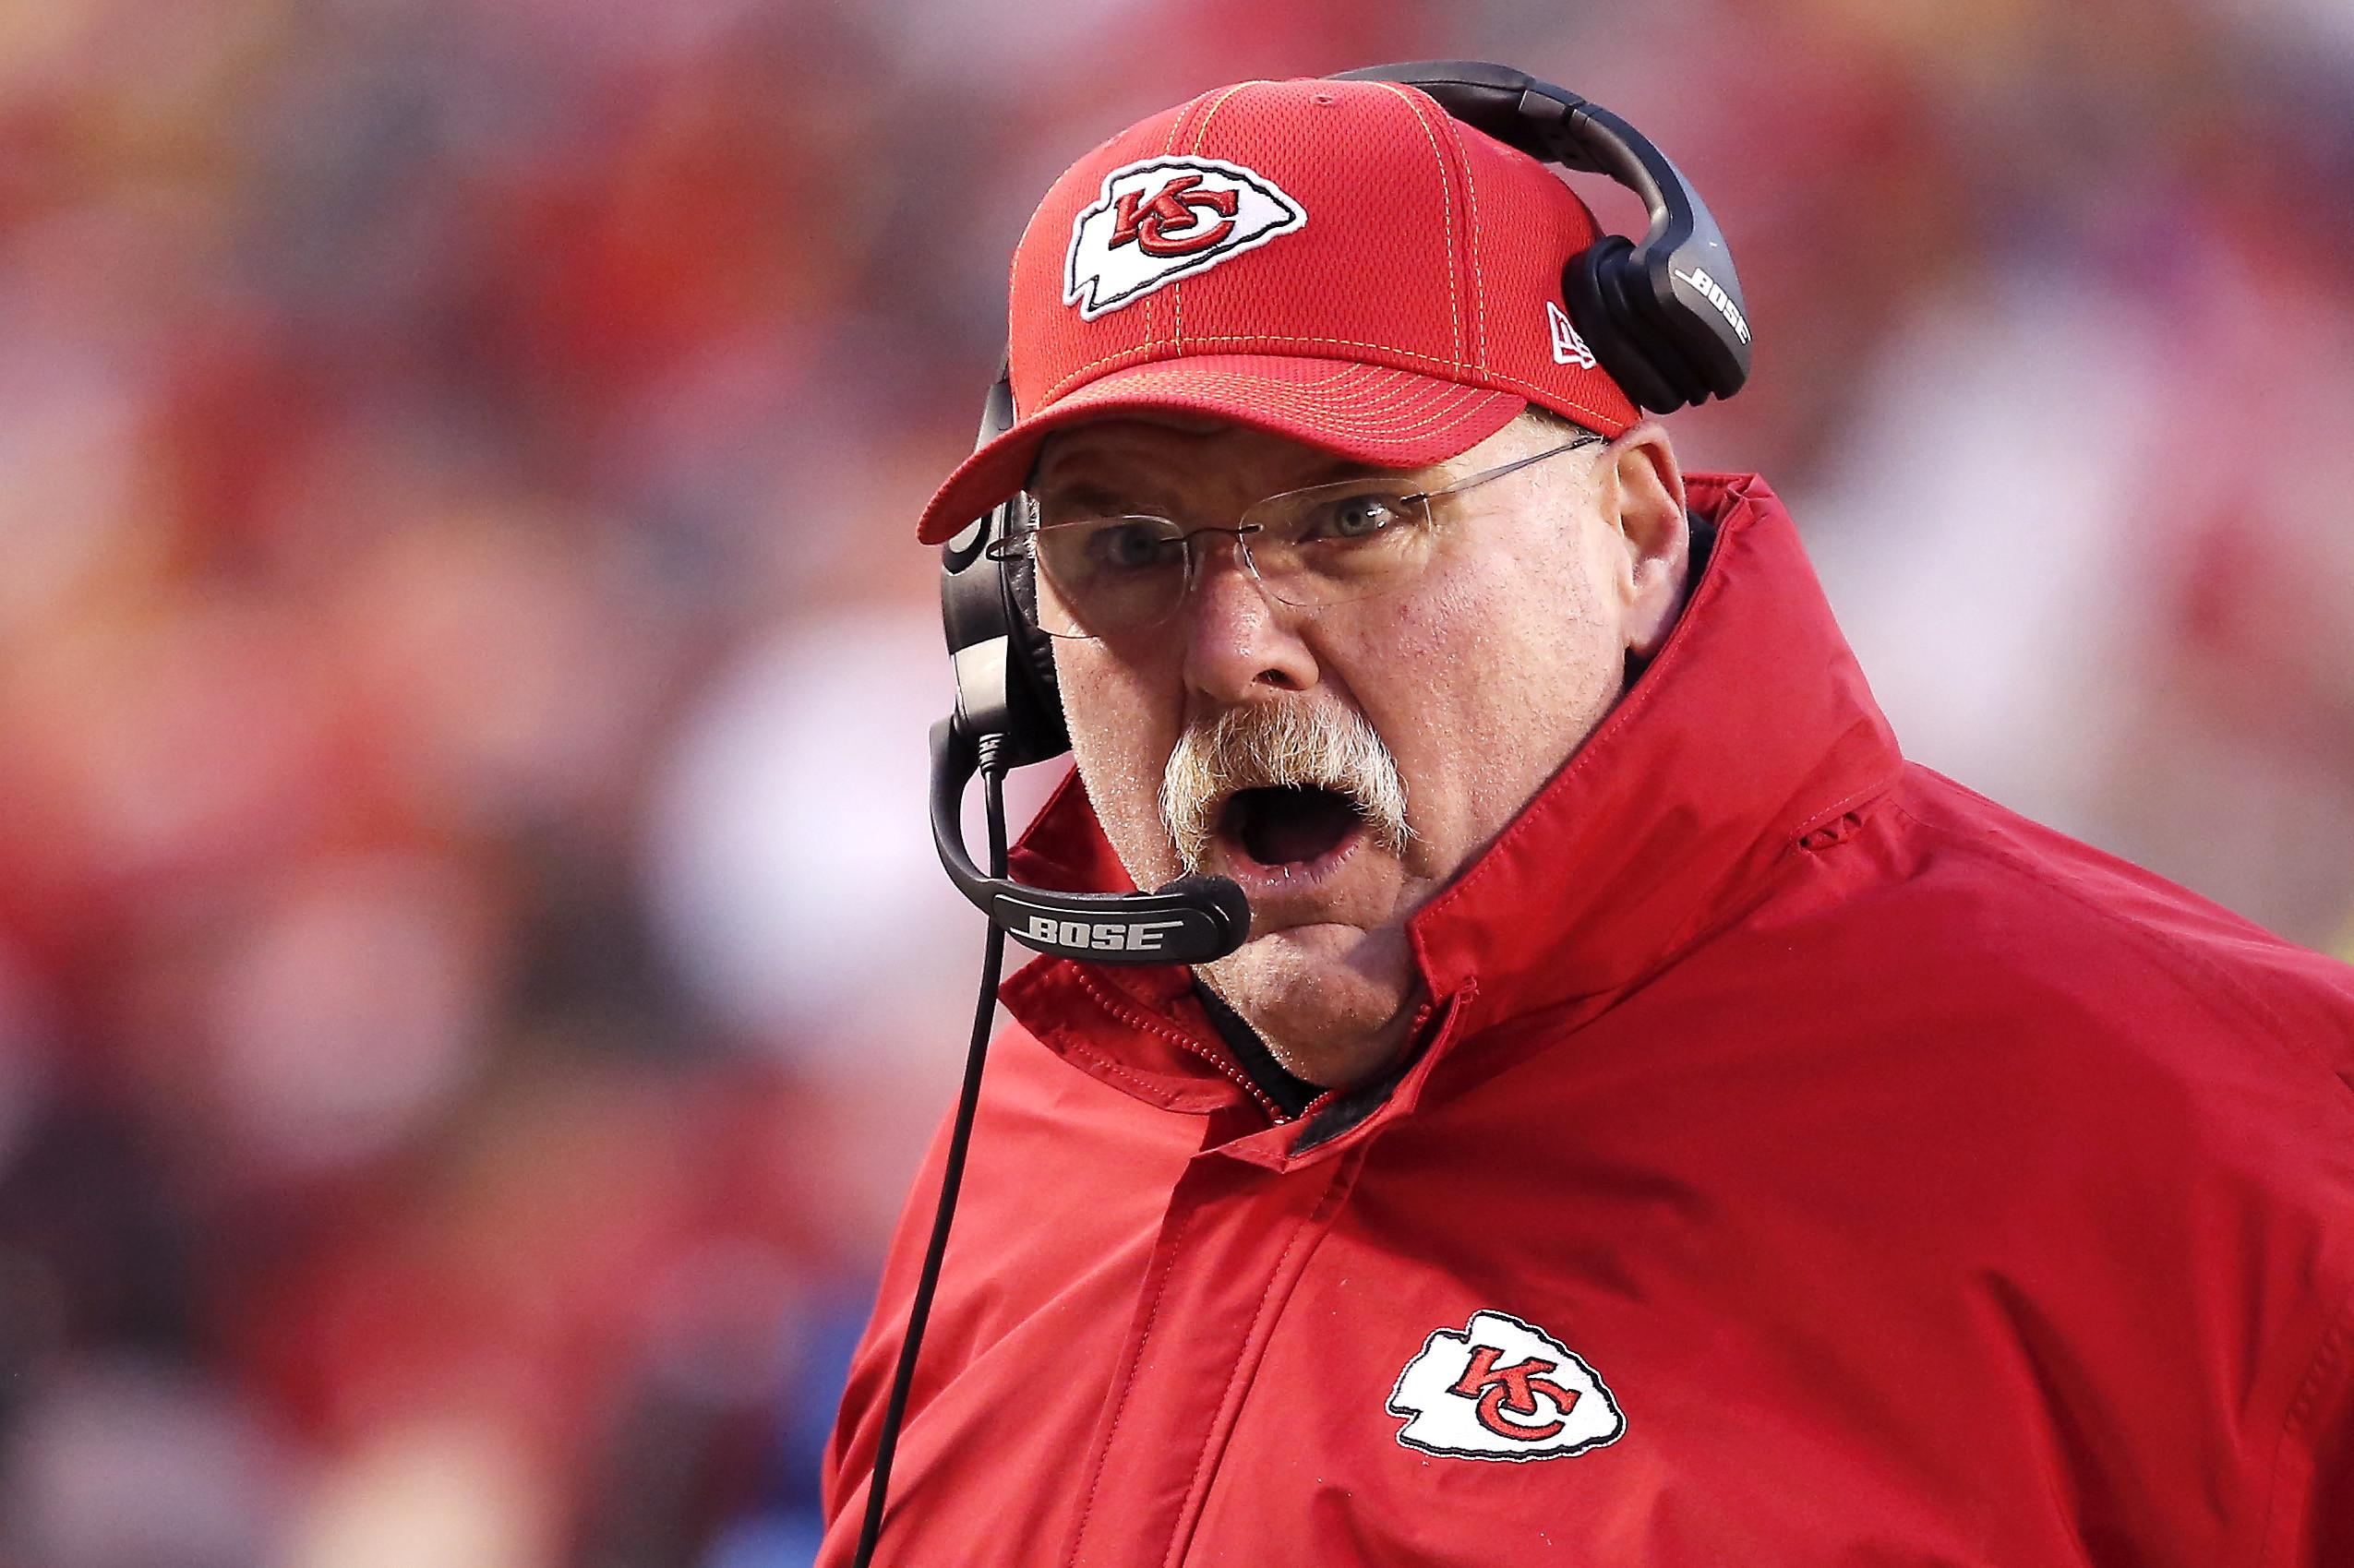 L'allenatore dei Chief, Andy Reid. Insegue il suo primo anello dopo esserci andato vicino nel 2004 con i Philadelphia Eagles.